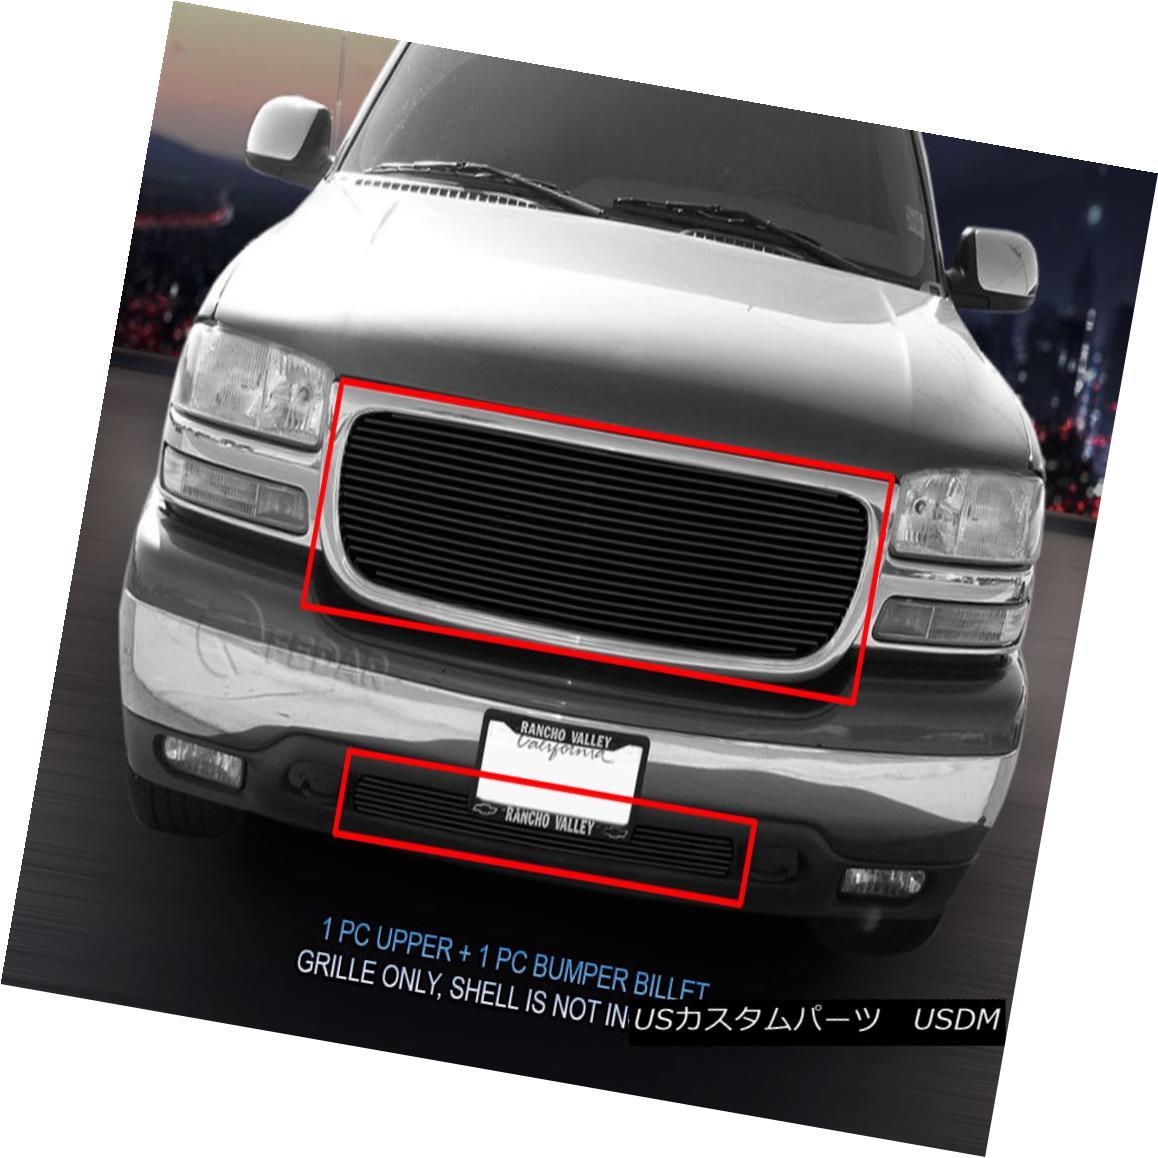 グリル Fits 00-06 GMC Yukon XL 1500/2500 99-02 Sierra 1500 Black Billet Grille Insert フィット00-06 GMCユーコンXL 1500/2500 99-02シエラ1500ブラックビレットグリルインサート